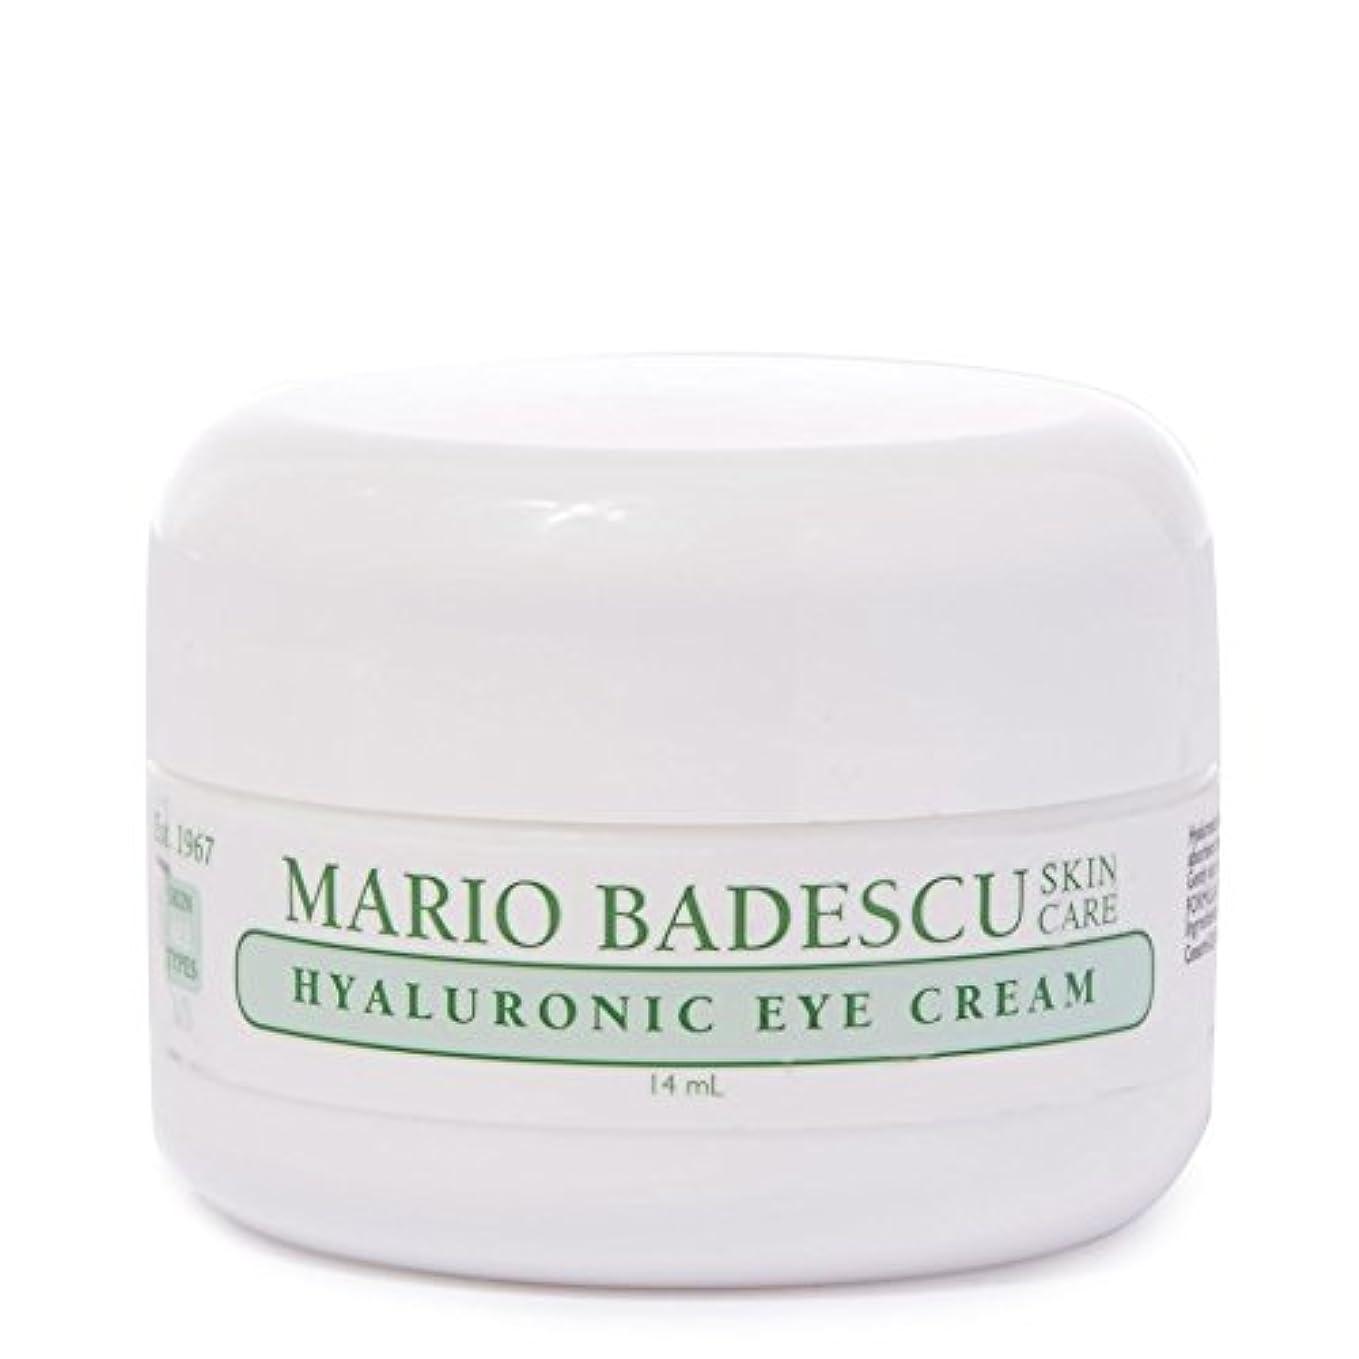 残酷圧力ブリークマリオ?バデスキューヒアルロンアイクリーム14ミリリットル x4 - Mario Badescu Hyaluronic Eye Cream 14ml (Pack of 4) [並行輸入品]